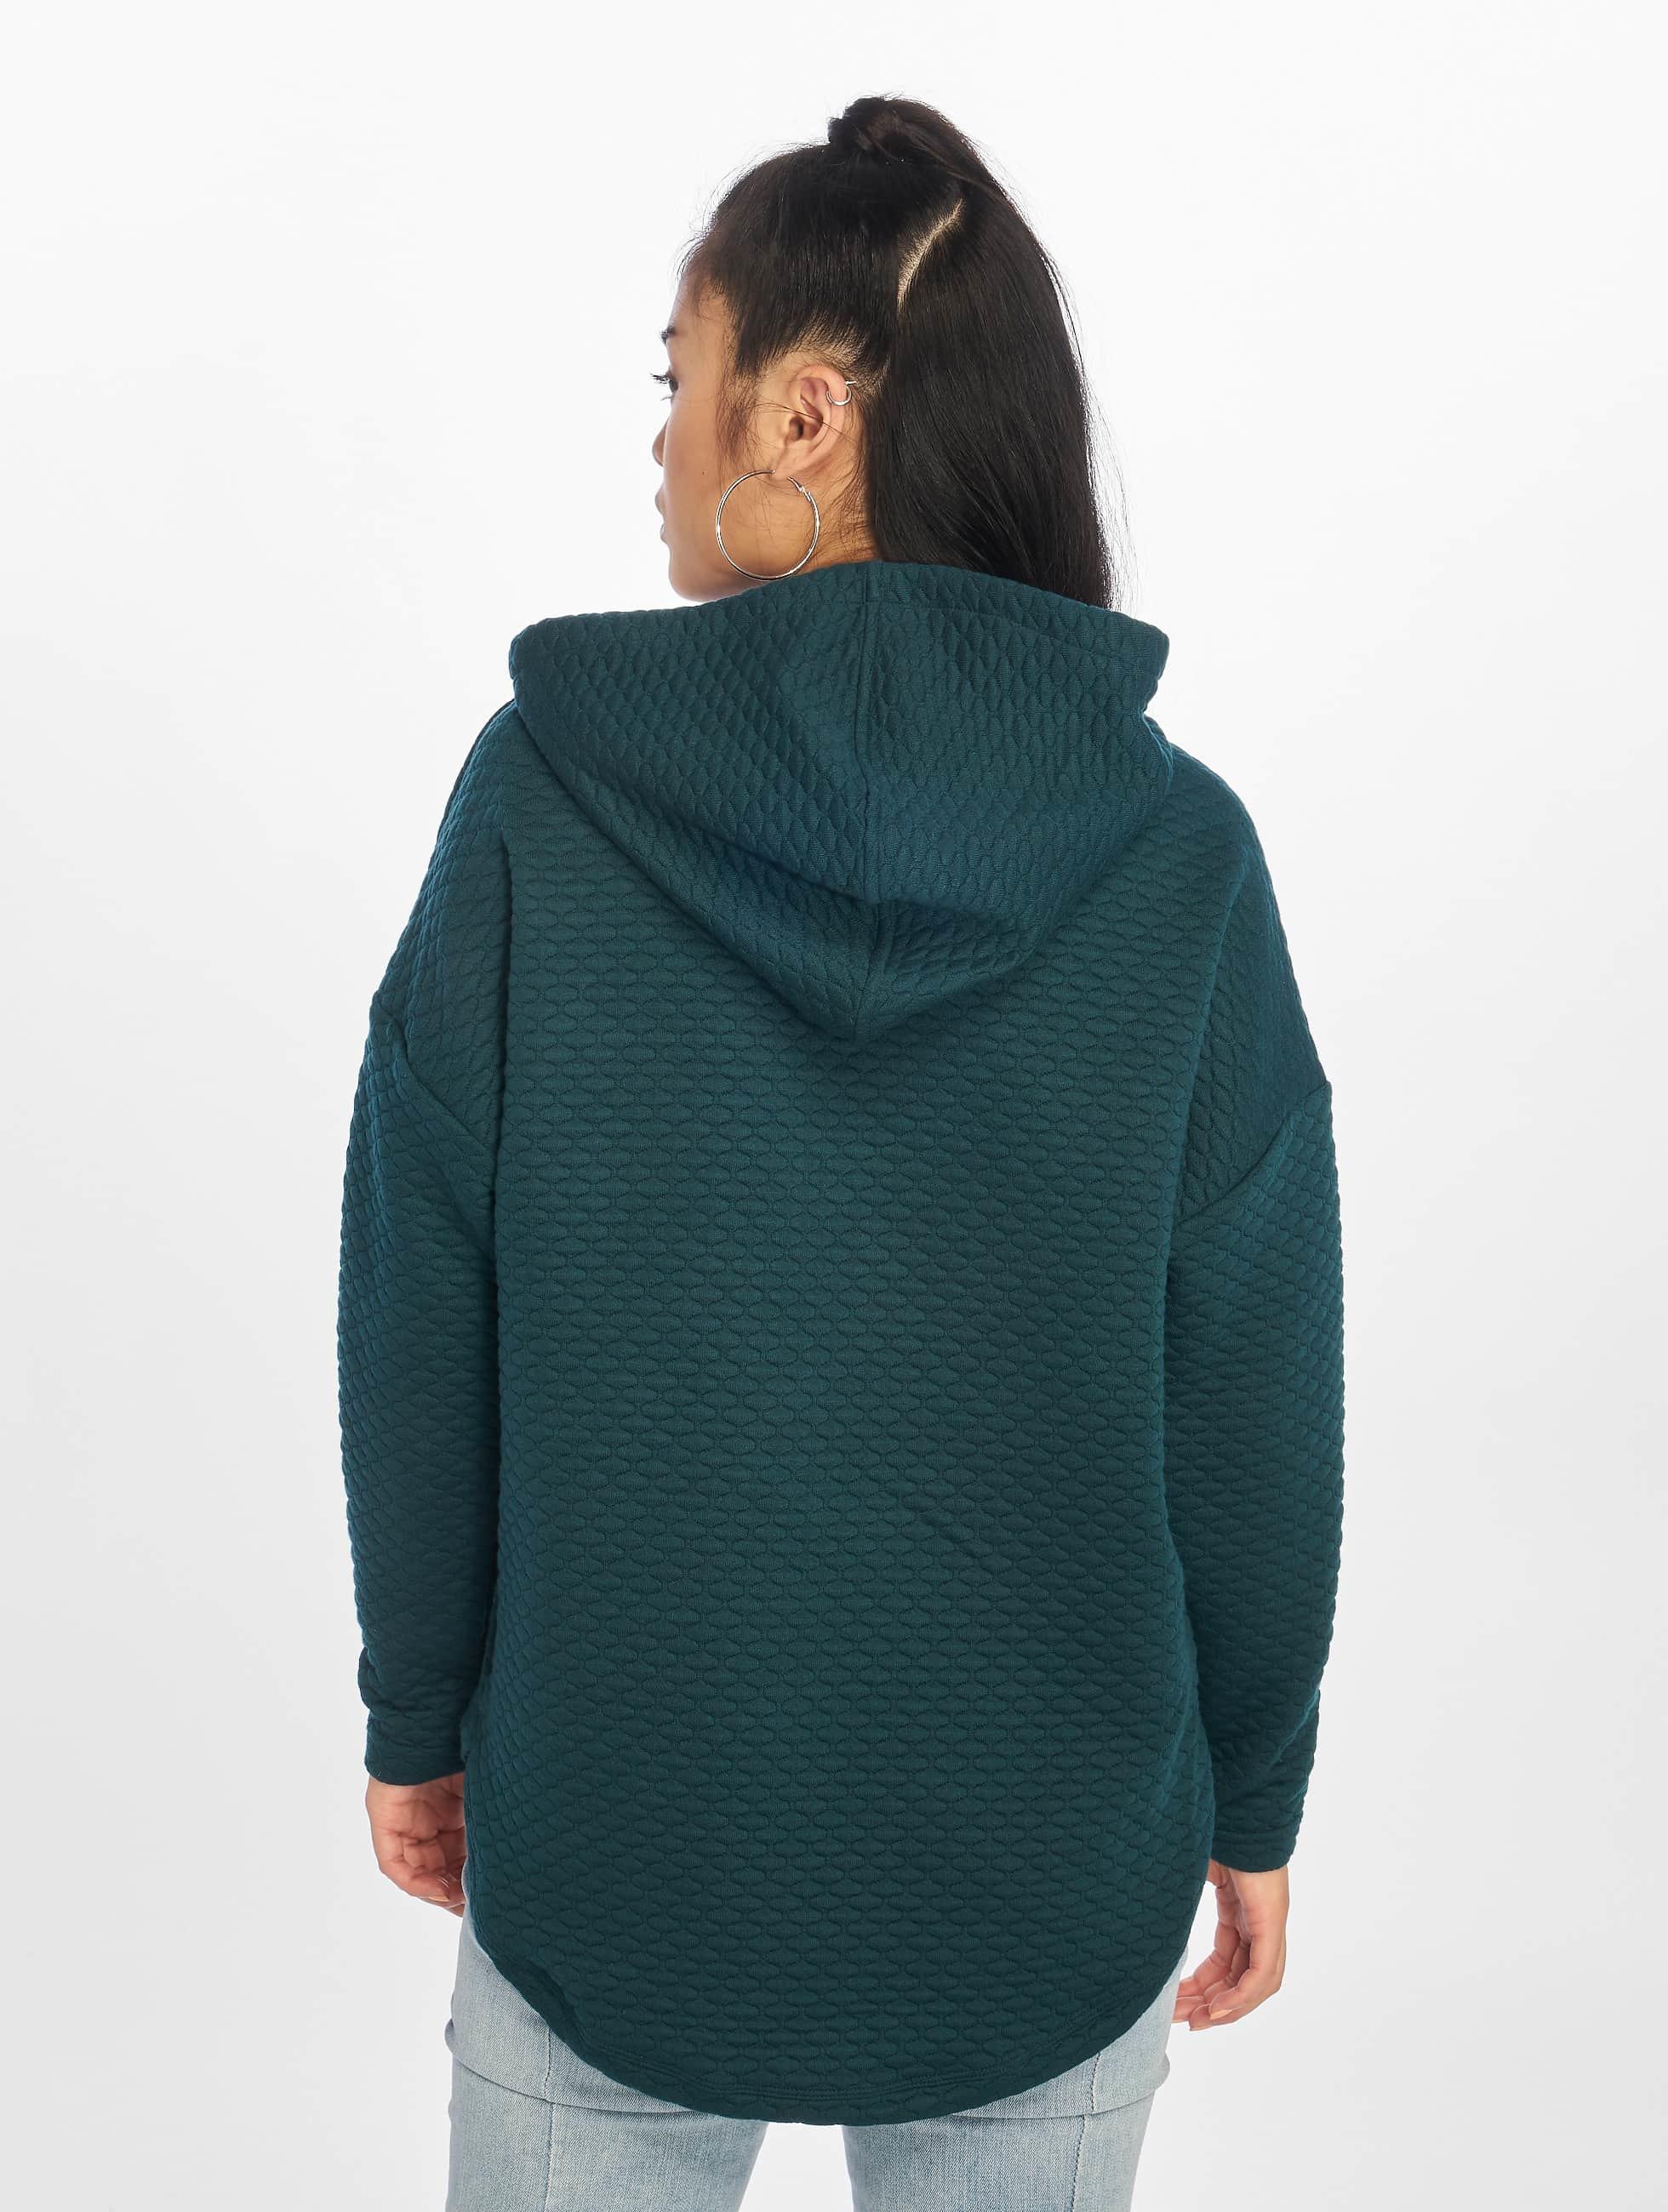 Urban Classics Hoody Quilt Oversize groen